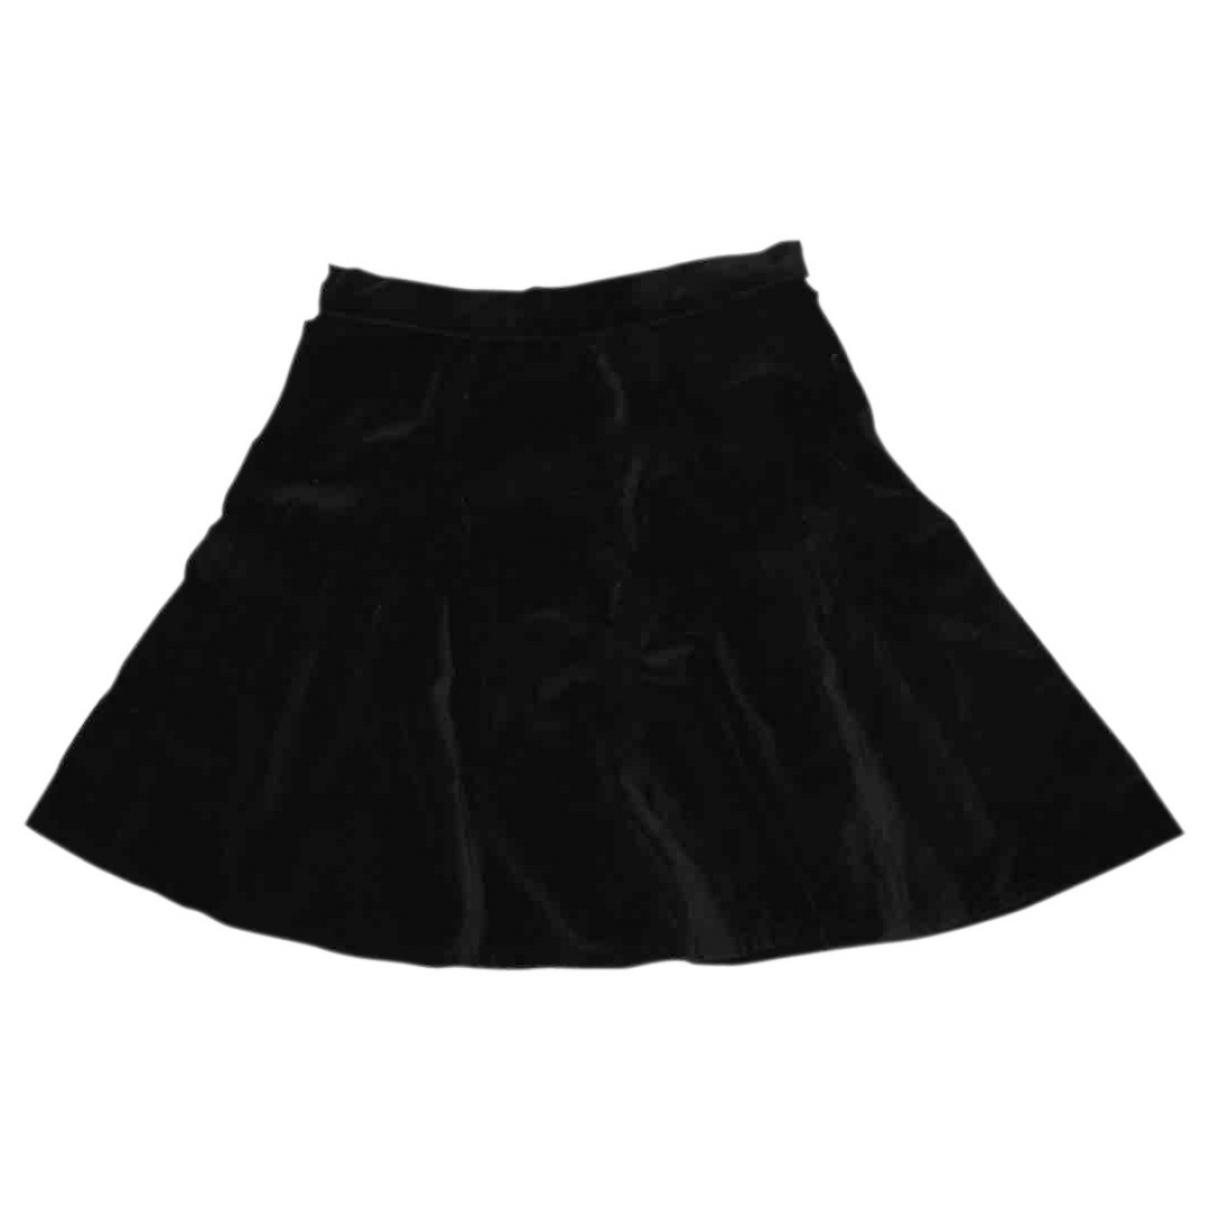 Rag & Bone \N Black Velvet skirt for Women 00 0-5